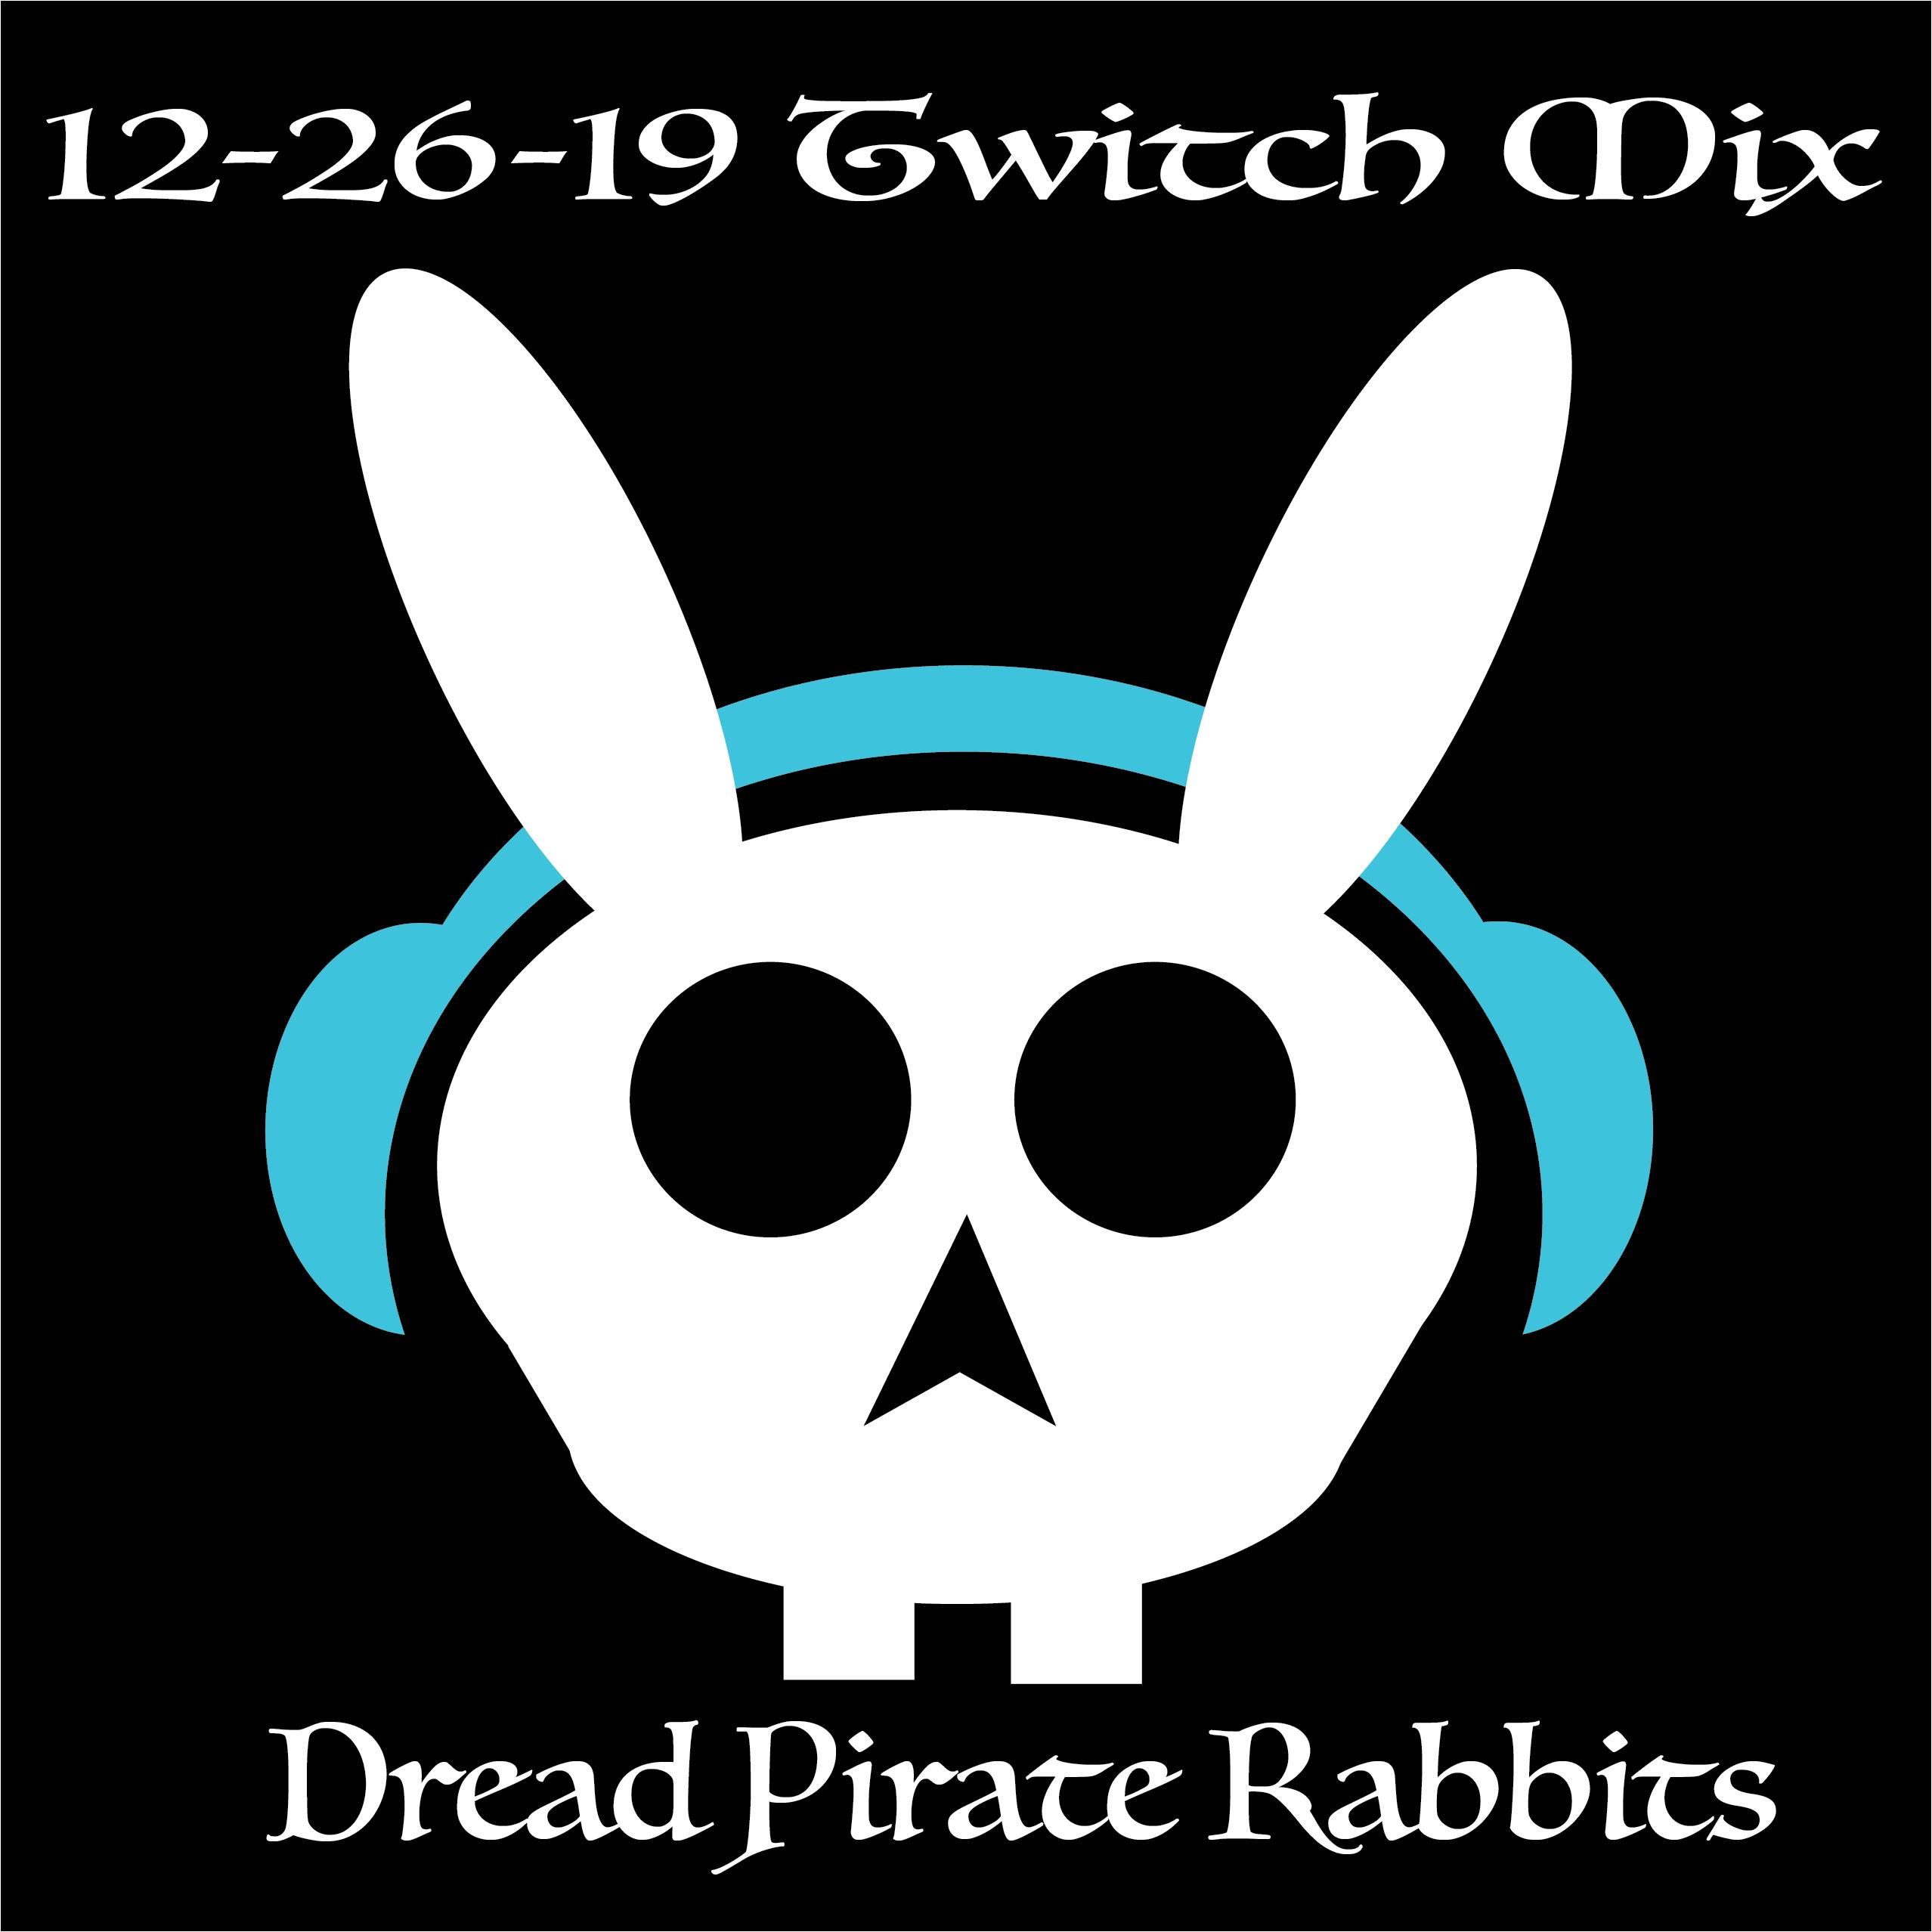 Twitch Stream 12-26-19